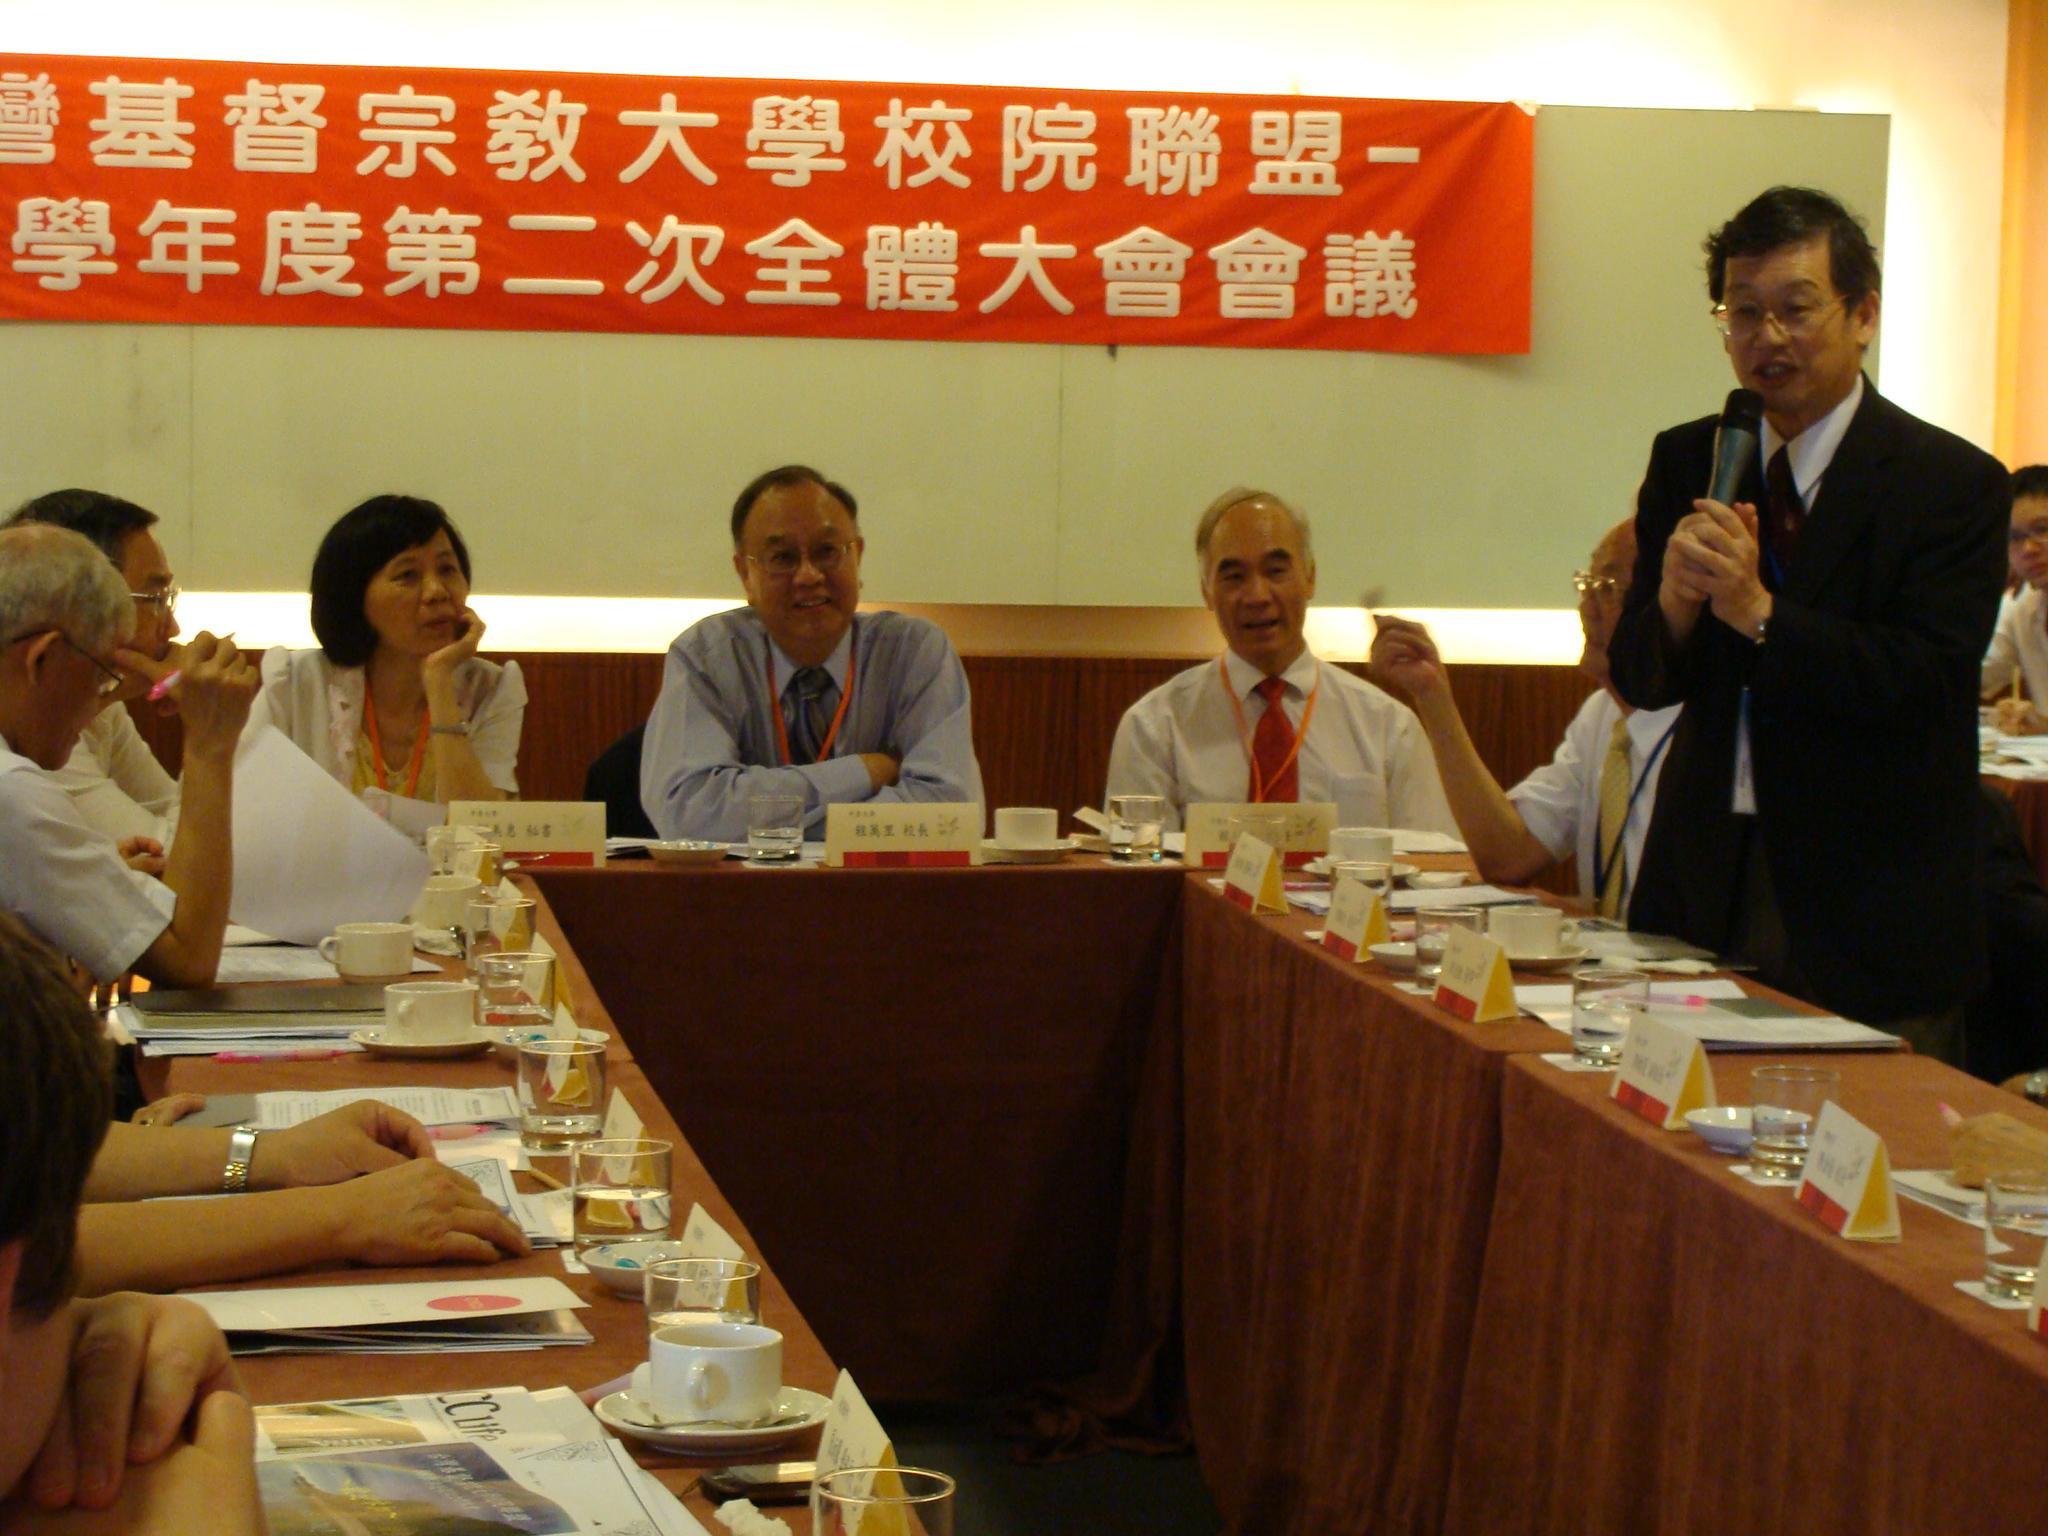 中原主辦台灣基督宗教大學校院聯盟大會 改選聯盟召集學校